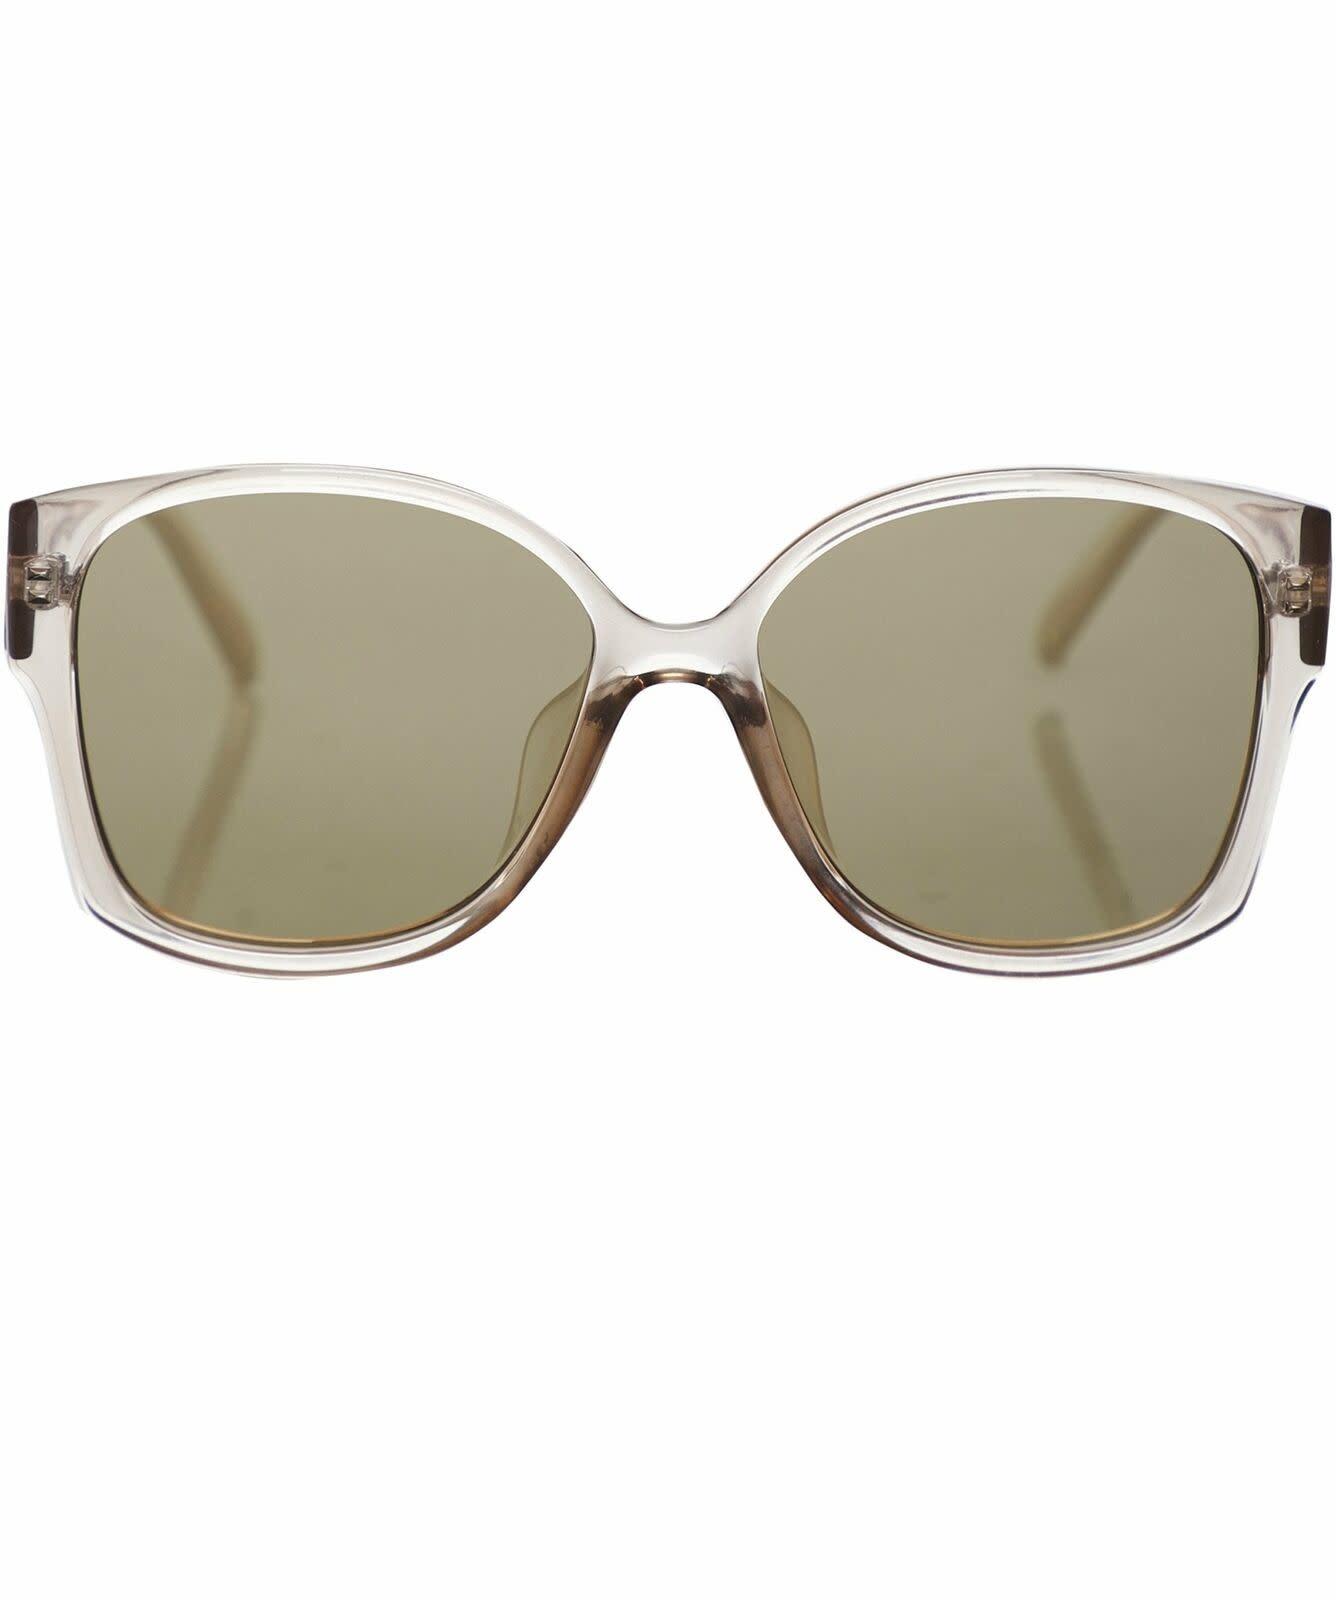 Le Specs Le Specs Athena  Stone W/ Gold Mirror Lens Grad Lens